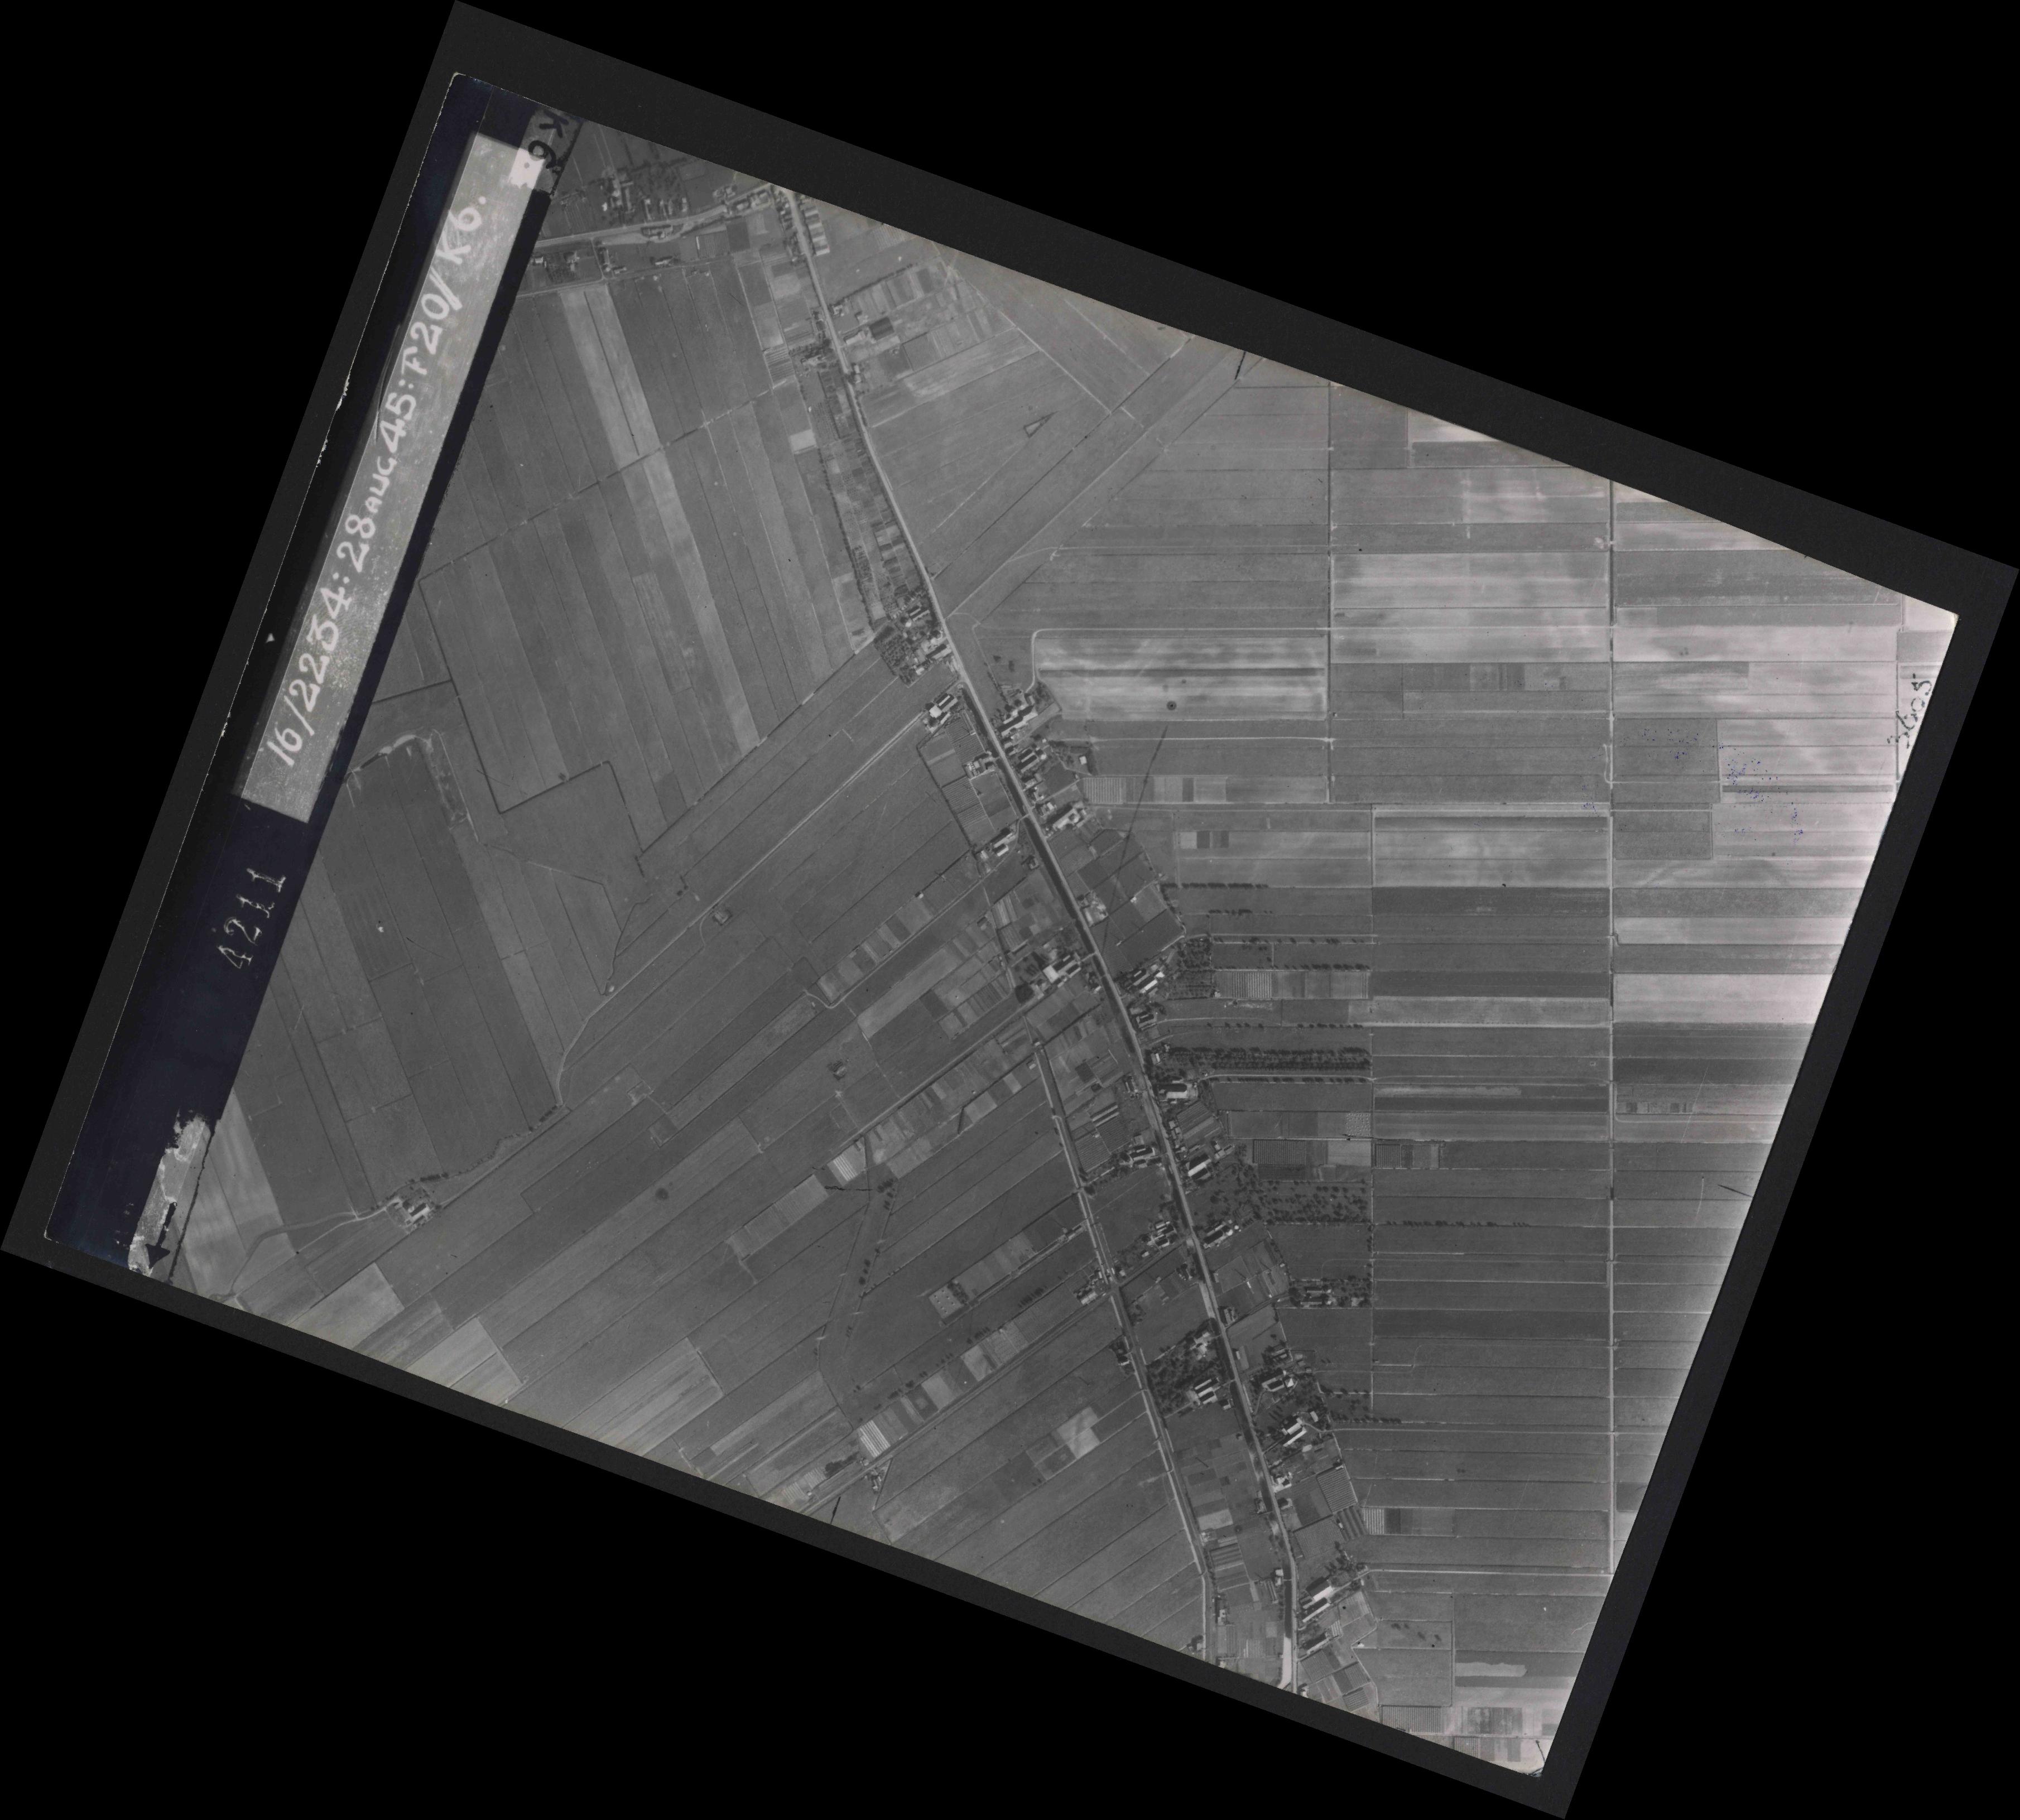 Collection RAF aerial photos 1940-1945 - flight 031, run 01, photo 4211